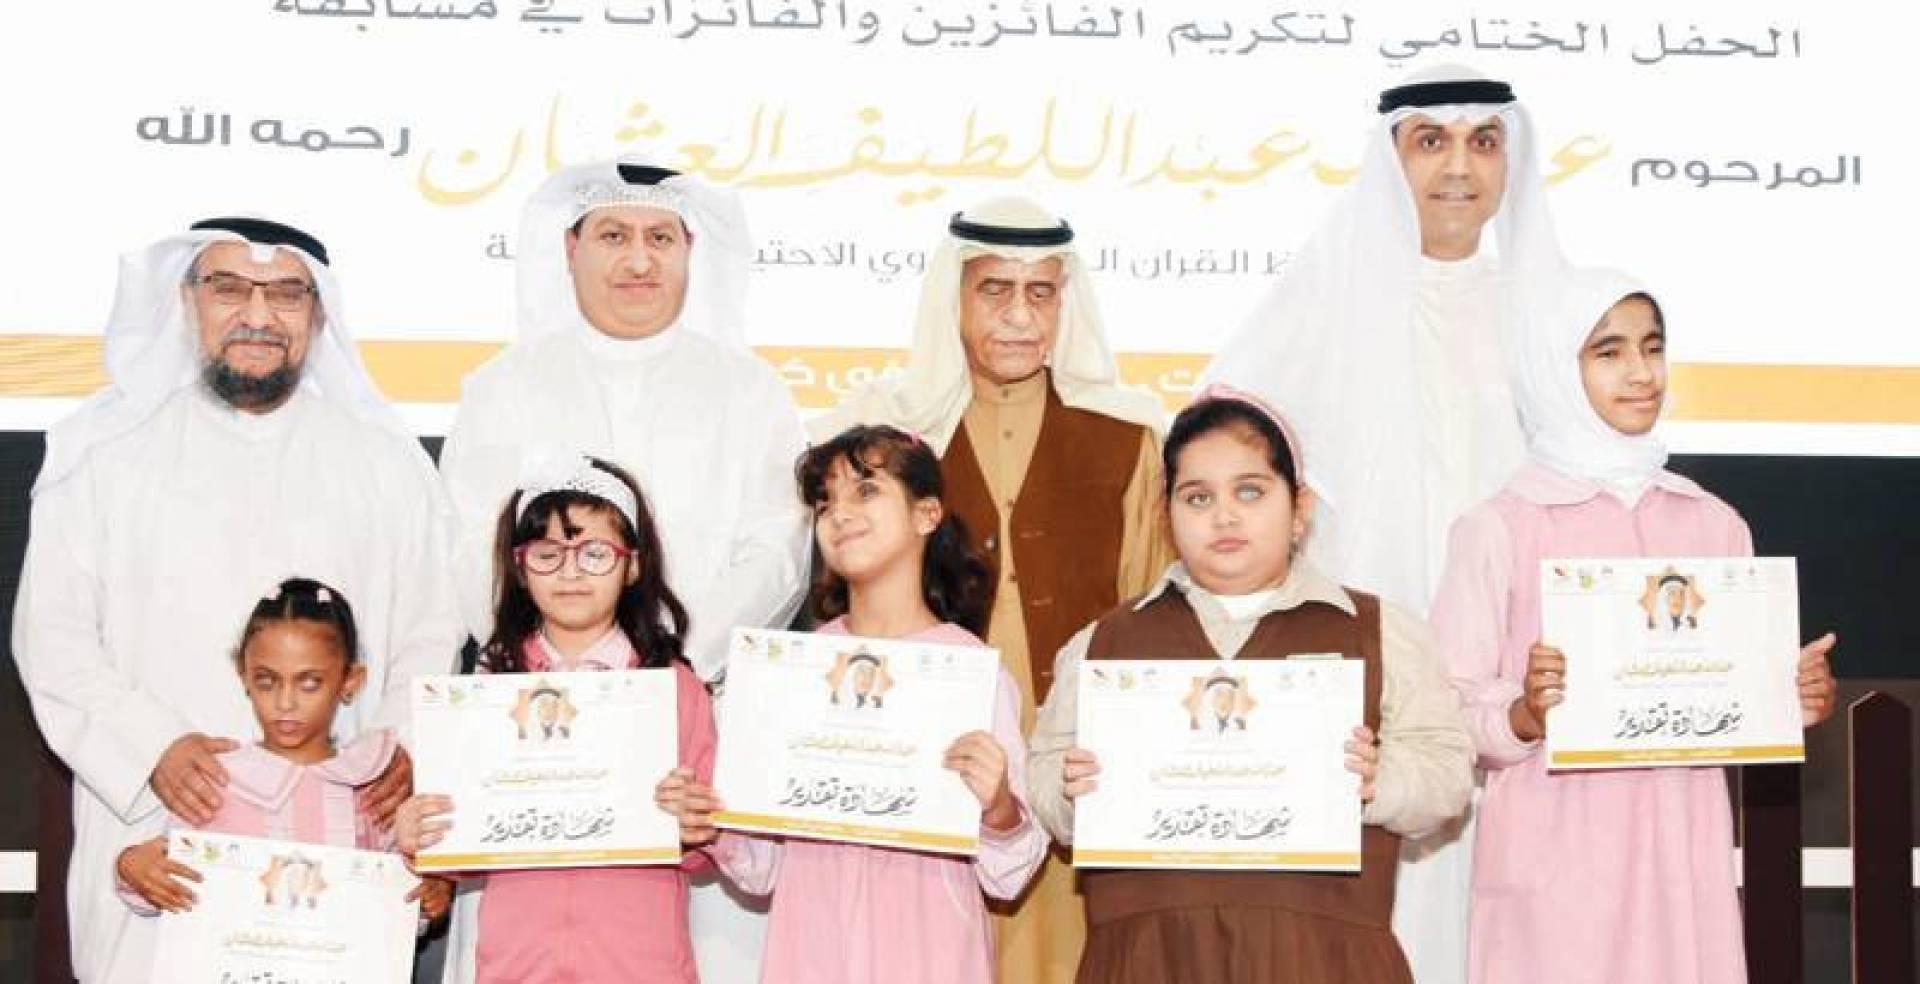 ممثلو مسابقة العثمان القرآنية مع الفائزات